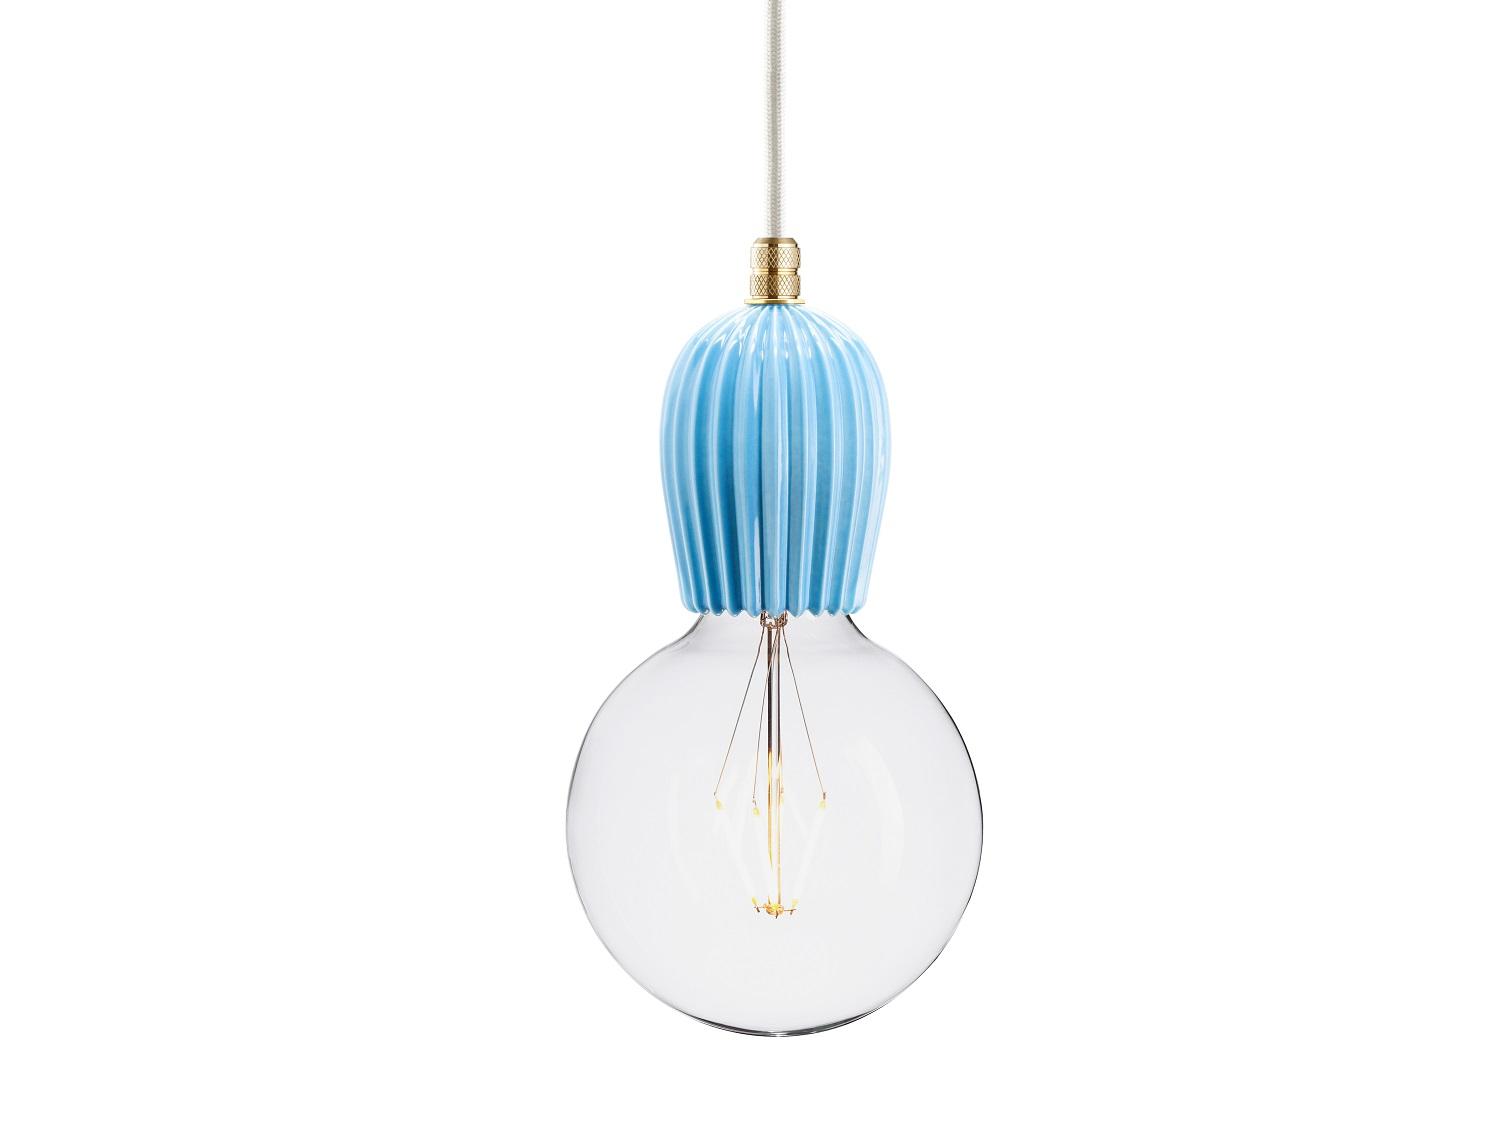 Подвесной светильник AIRПодвесные светильники<br>Подвесной светильник из керамики, доступный в 4-ех цветах: красном, индиго, голубом и лиловом. Два вида фурнитуры: латунь или алюминий.&amp;amp;nbsp;&amp;lt;div&amp;gt;&amp;lt;br&amp;gt;&amp;lt;/div&amp;gt;&amp;lt;div&amp;gt;&amp;lt;div&amp;gt;Вид цоколя: E27&amp;lt;/div&amp;gt;&amp;lt;div&amp;gt;Мощность: 60W&amp;lt;/div&amp;gt;&amp;lt;div&amp;gt;Количество ламп: 1&amp;lt;/div&amp;gt;&amp;lt;div&amp;gt;&amp;lt;br&amp;gt;&amp;lt;/div&amp;gt;&amp;lt;/div&amp;gt;<br><br>Material: Керамика<br>Width см: None<br>Depth см: None<br>Height см: 10.5<br>Diameter см: 5.9